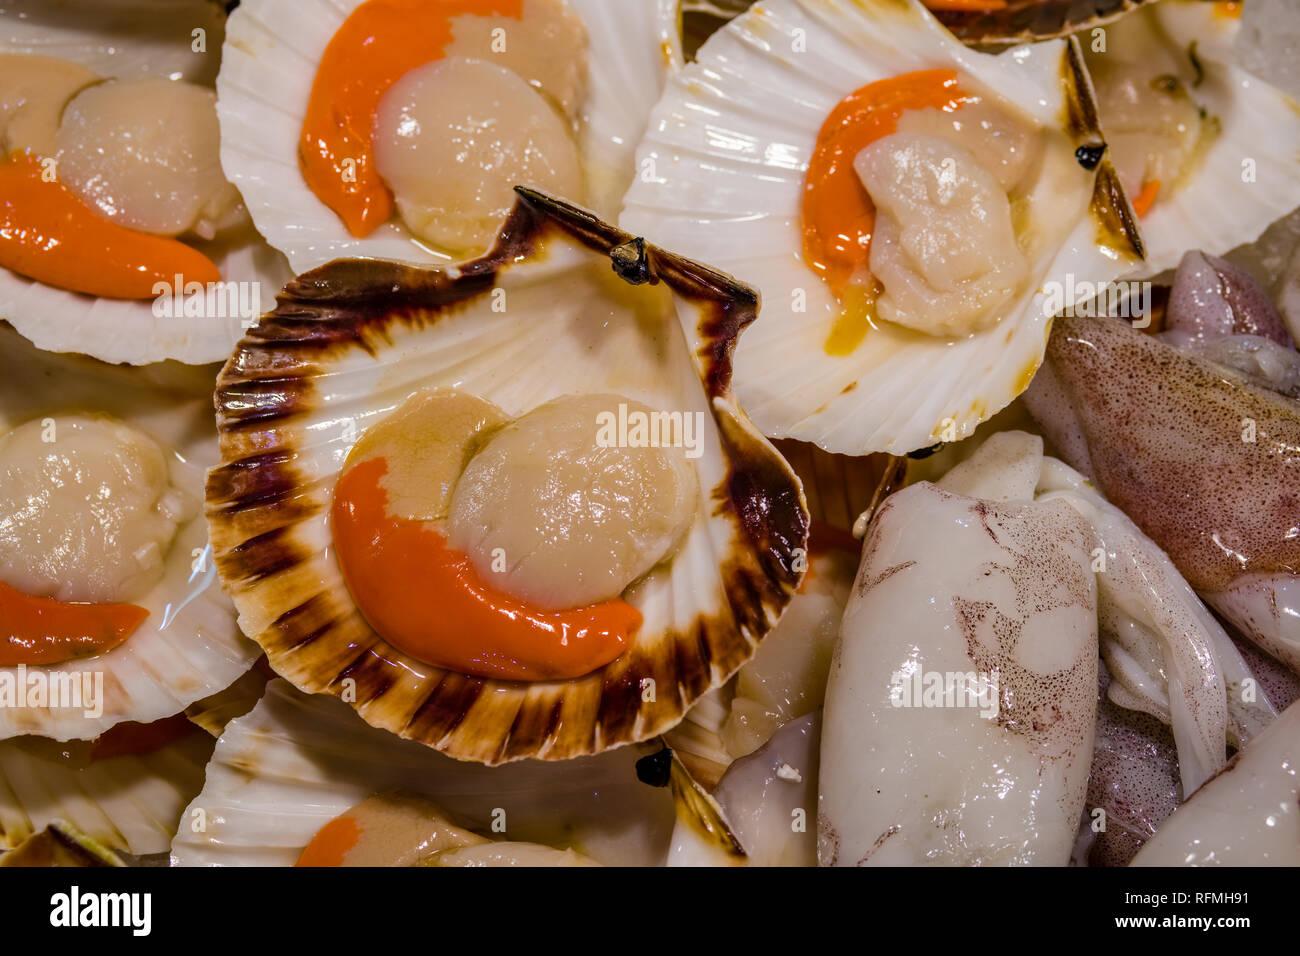 Fresh scallops (Pectinidae) are sold at Rialto Market, Mercato di Rialto - Stock Image